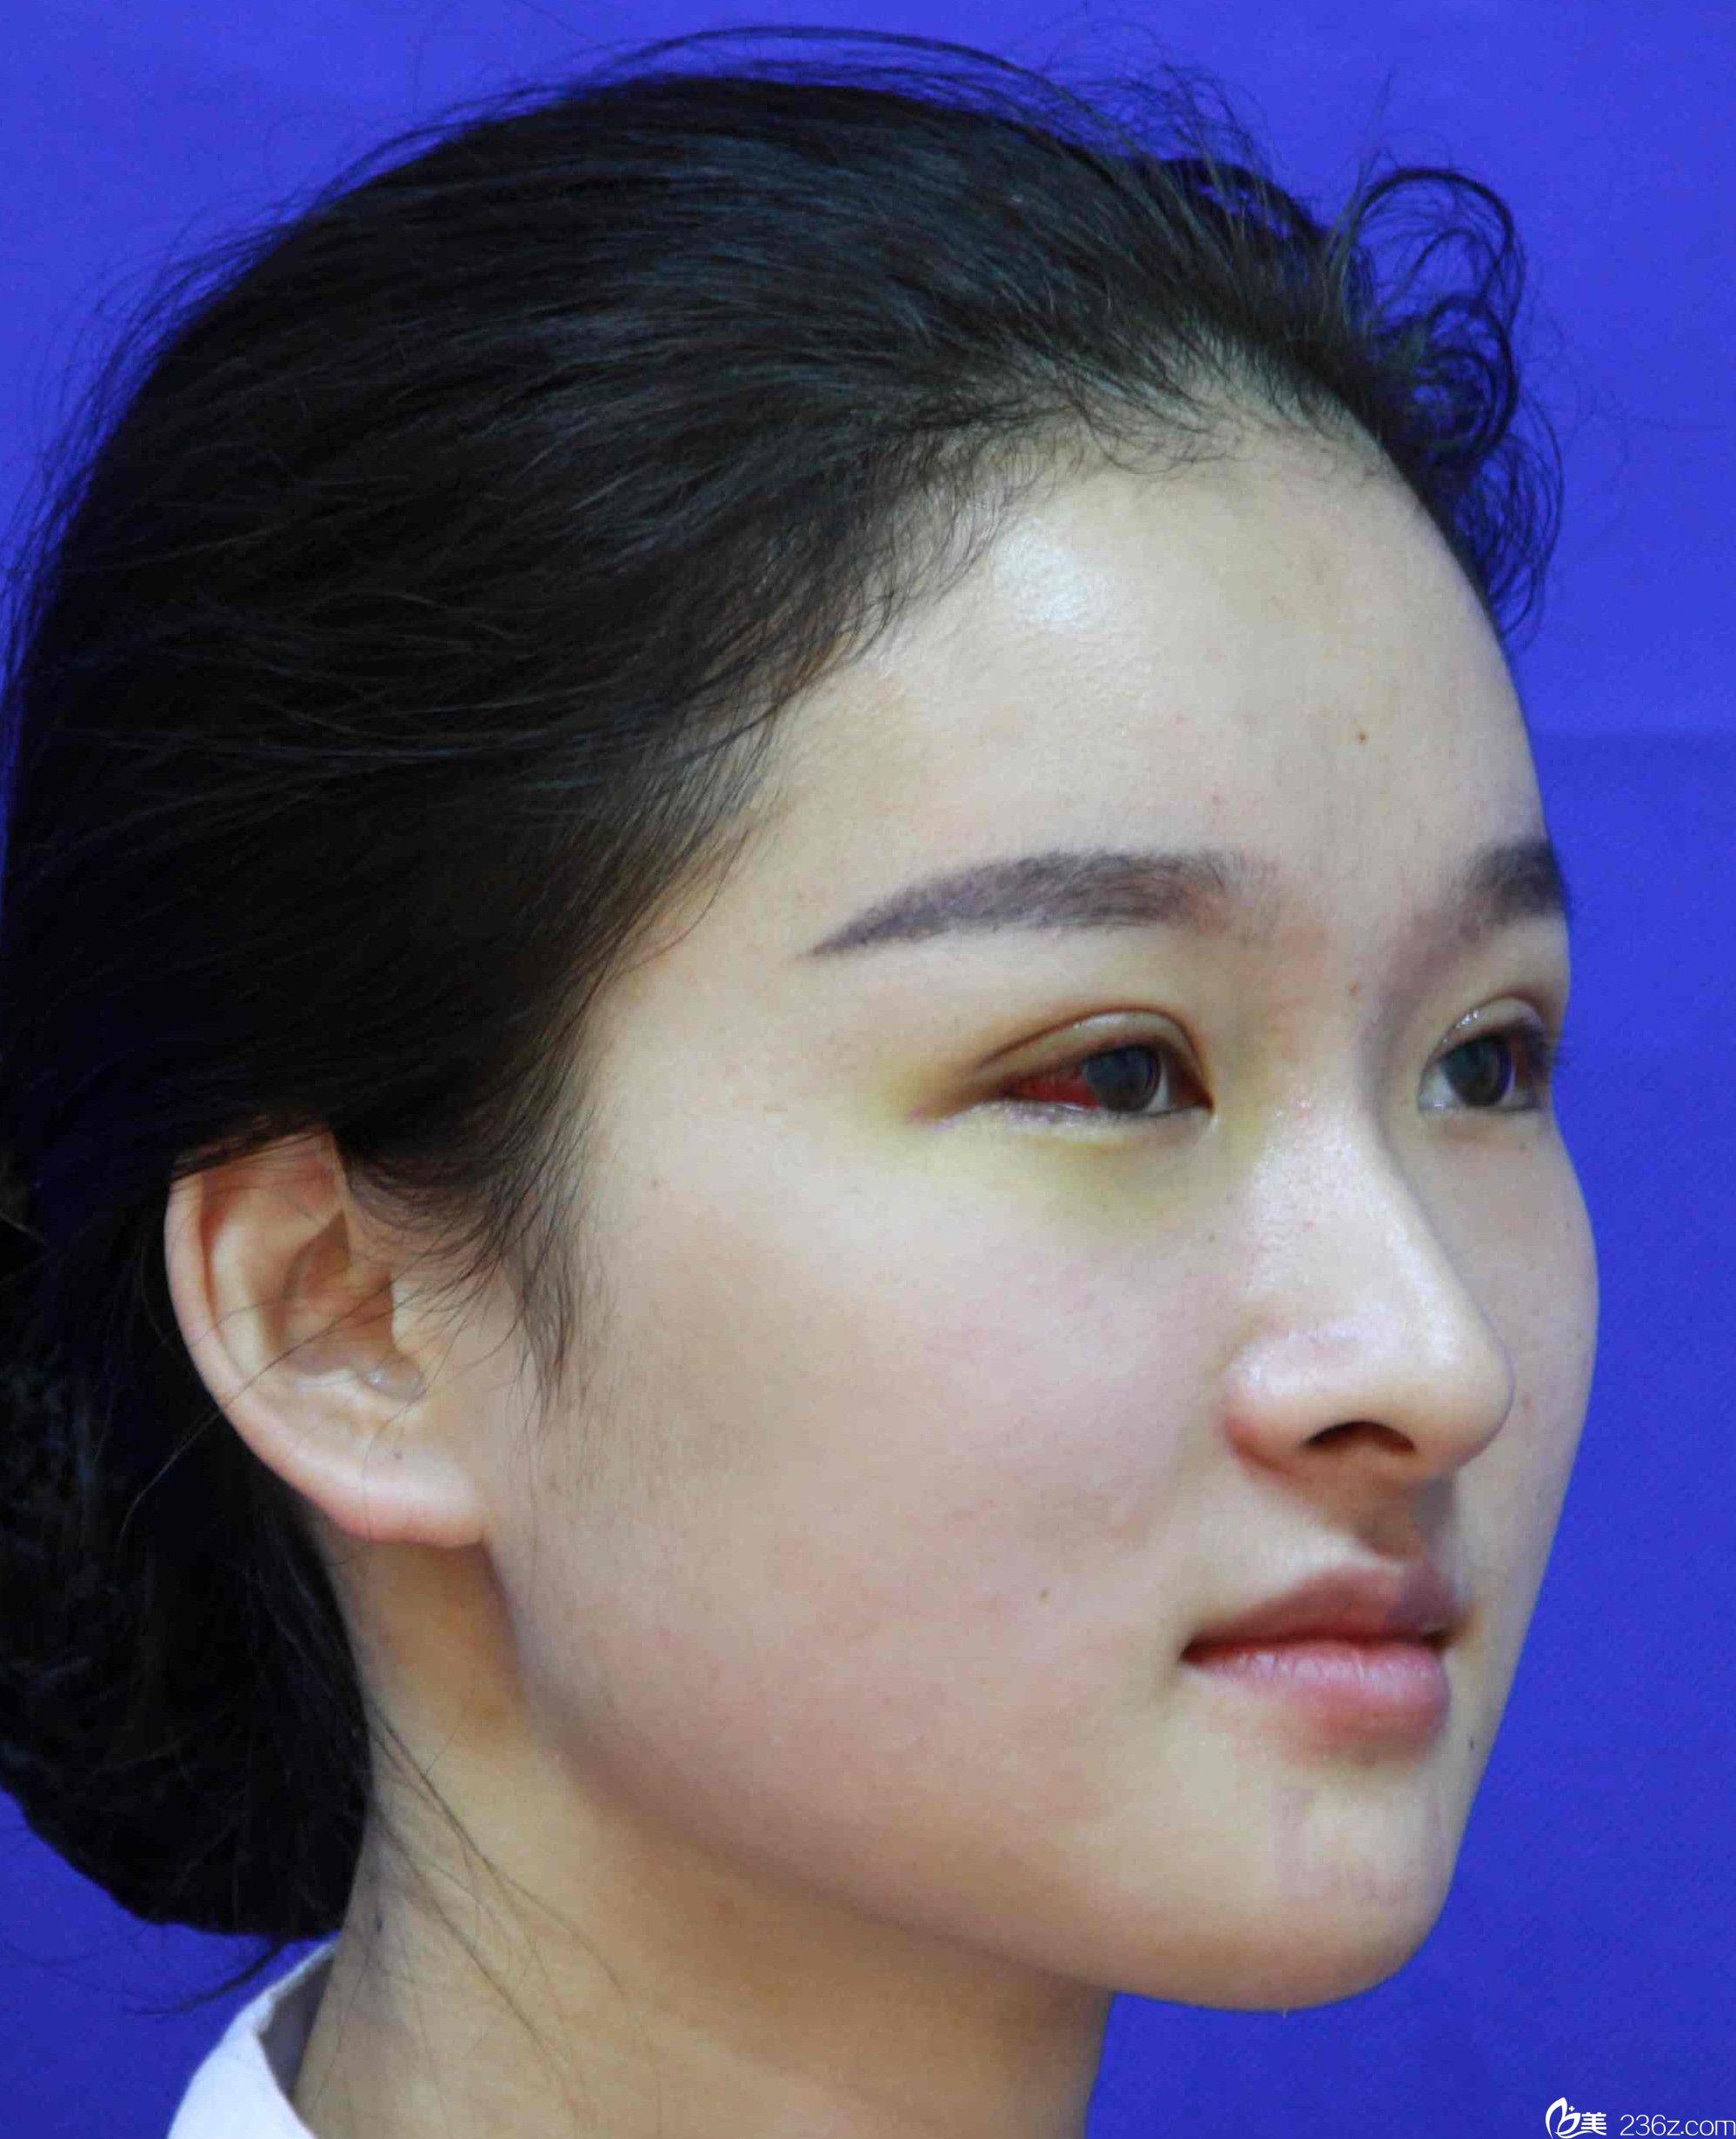 维多利亚整形max美眼术+瘦脸除皱瘦脸后第7天恢复效果